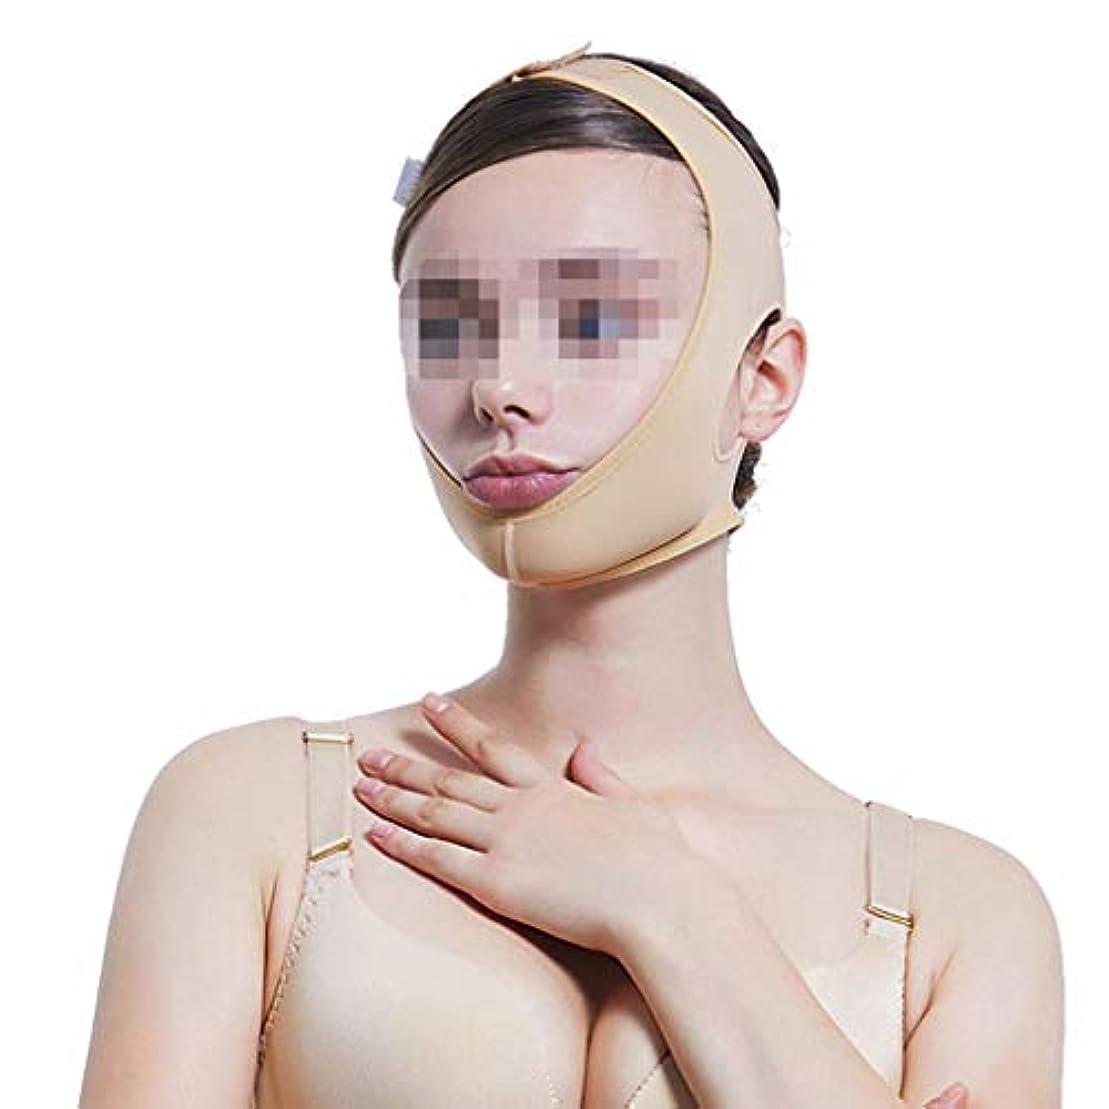 送る予知パトワビームフェイス弾性ヘッドギア、ダブルあごのあごのセットをマスクの後に線彫り薄いフェイス包帯マルチサイズオプション(サイズ:XS),L